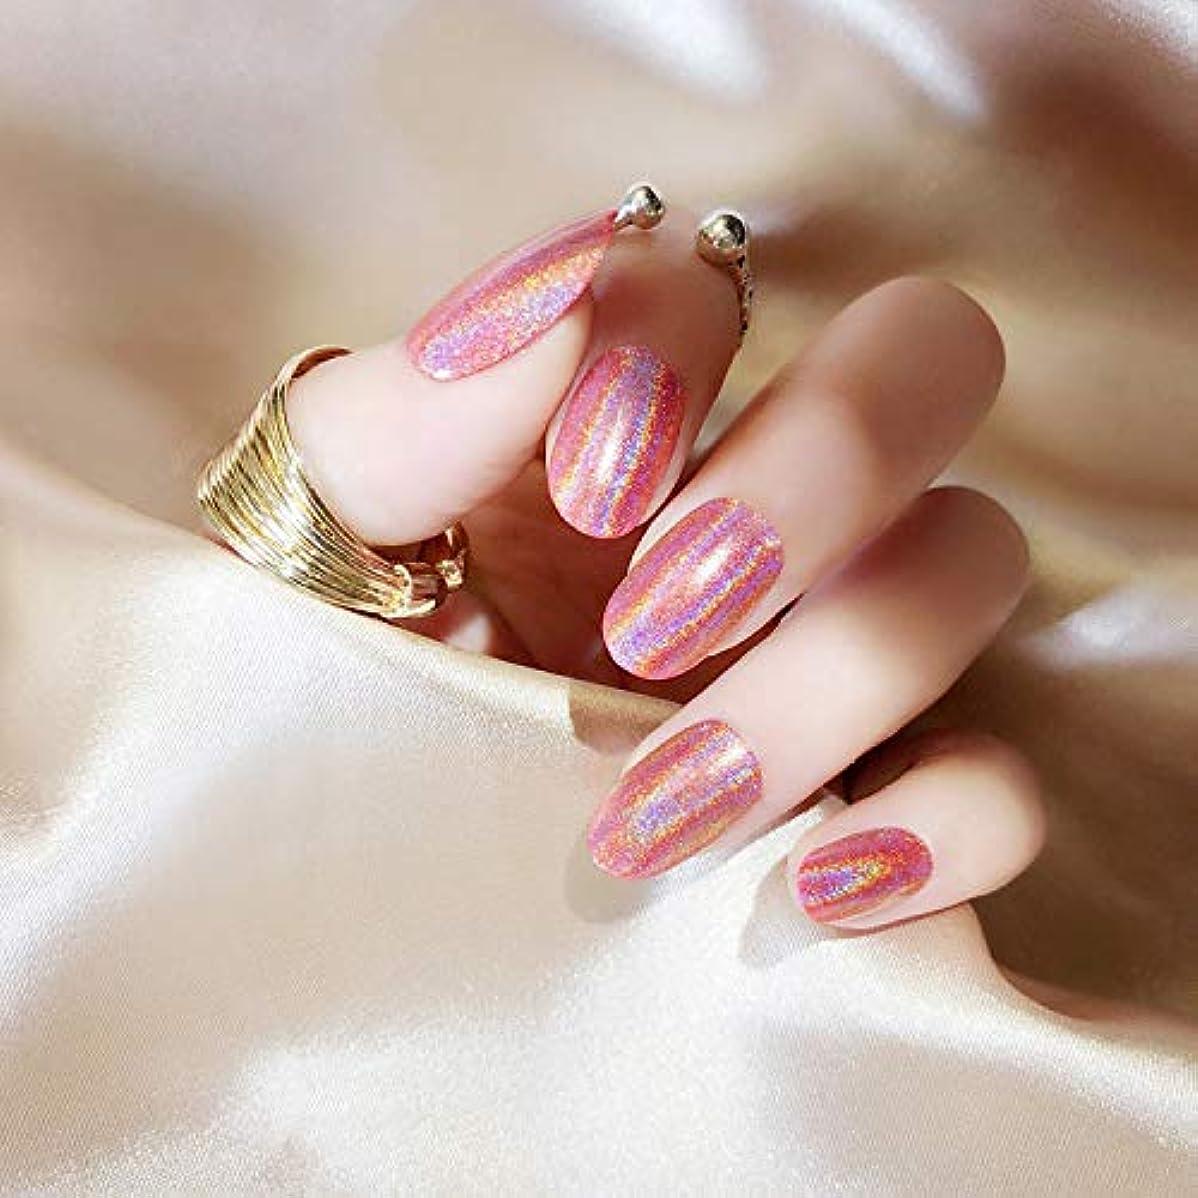 なぜならパーツ赤ちゃん質感 彩がつく 24枚純色付け爪 ネイル貼るだけネイルチップ レーザー 多重光沢 お花嫁付け爪 ジェルネイルの光疗法 シンフォニー (桜ピンク)